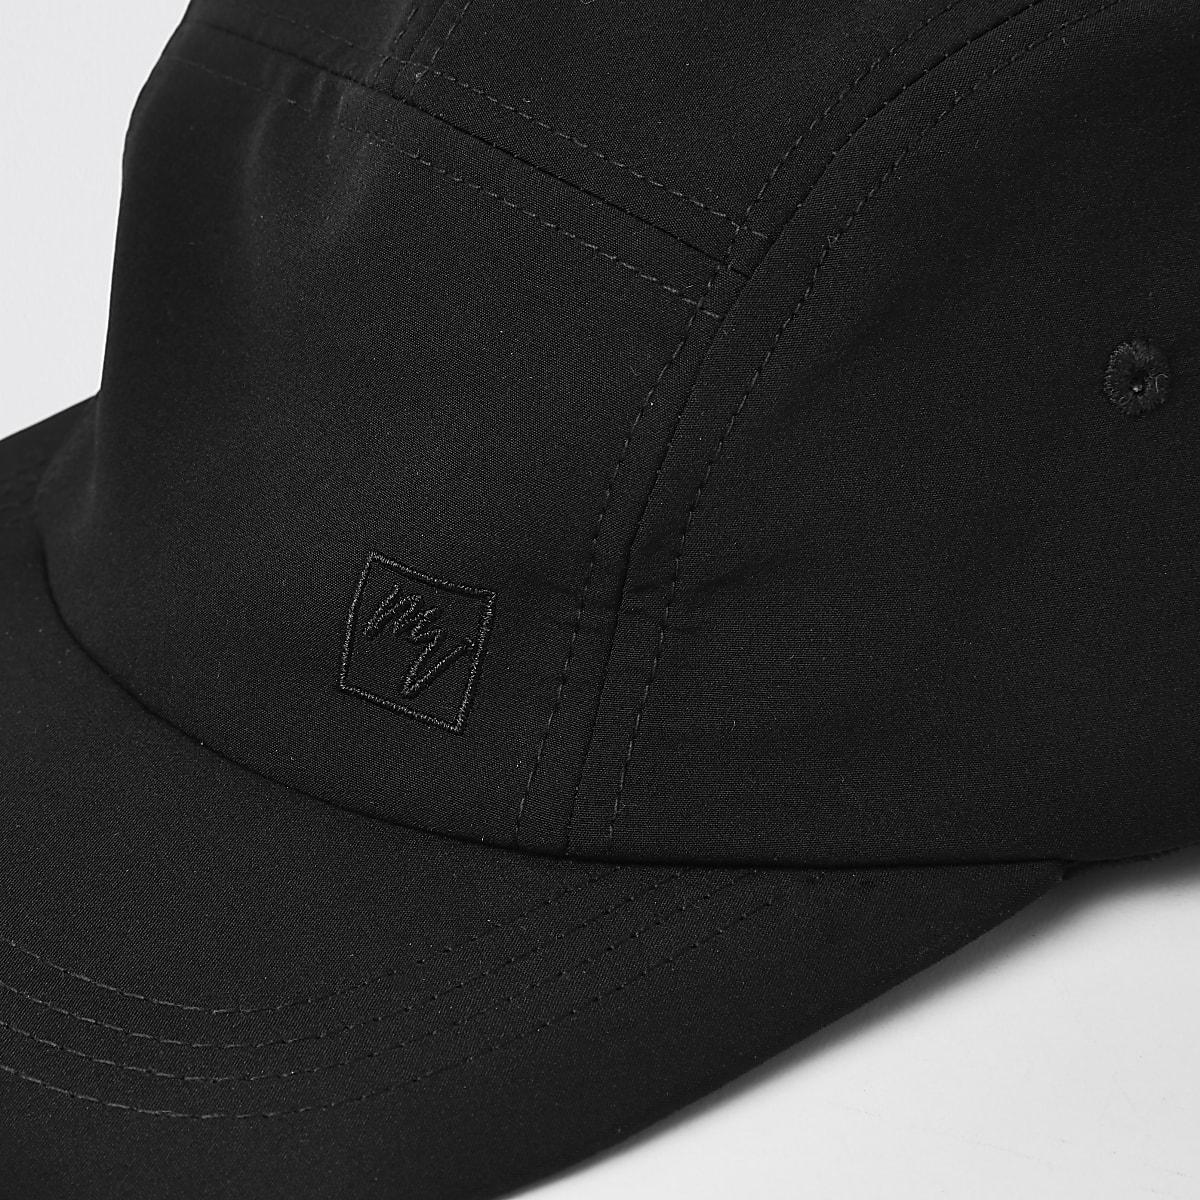 e91355073a117 Black  Maison Riviera  five panel cap - Hats   Caps - Accessories - men